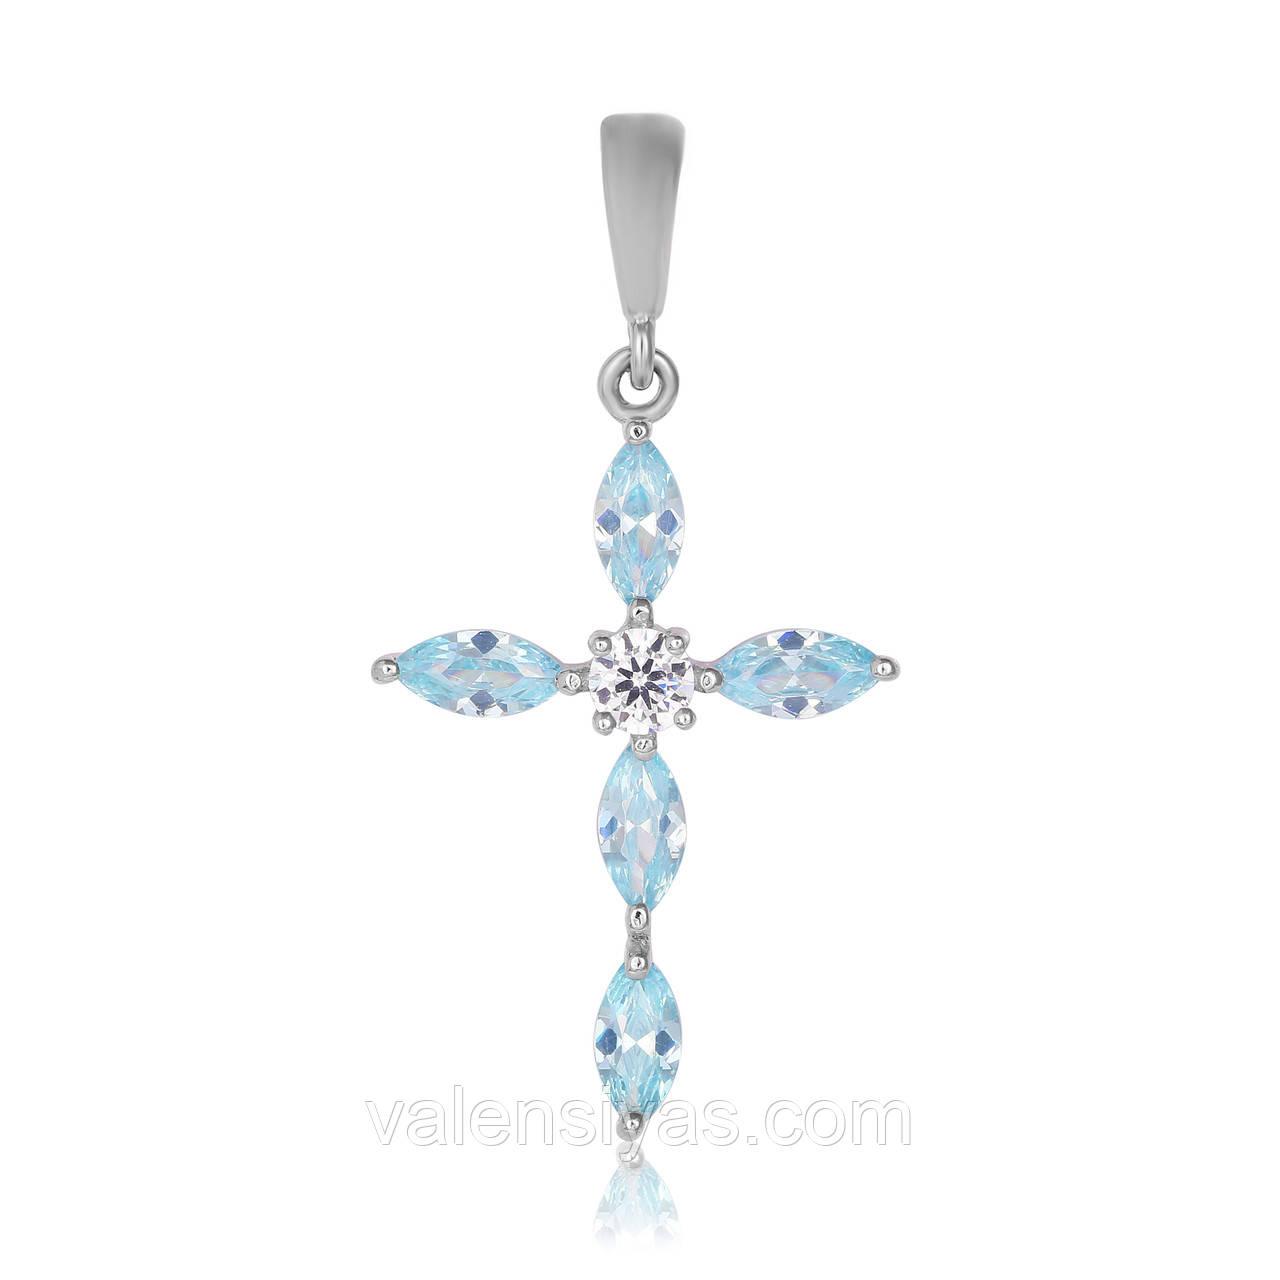 Крестик серебряный с голубыми камнями П2ФТ/435